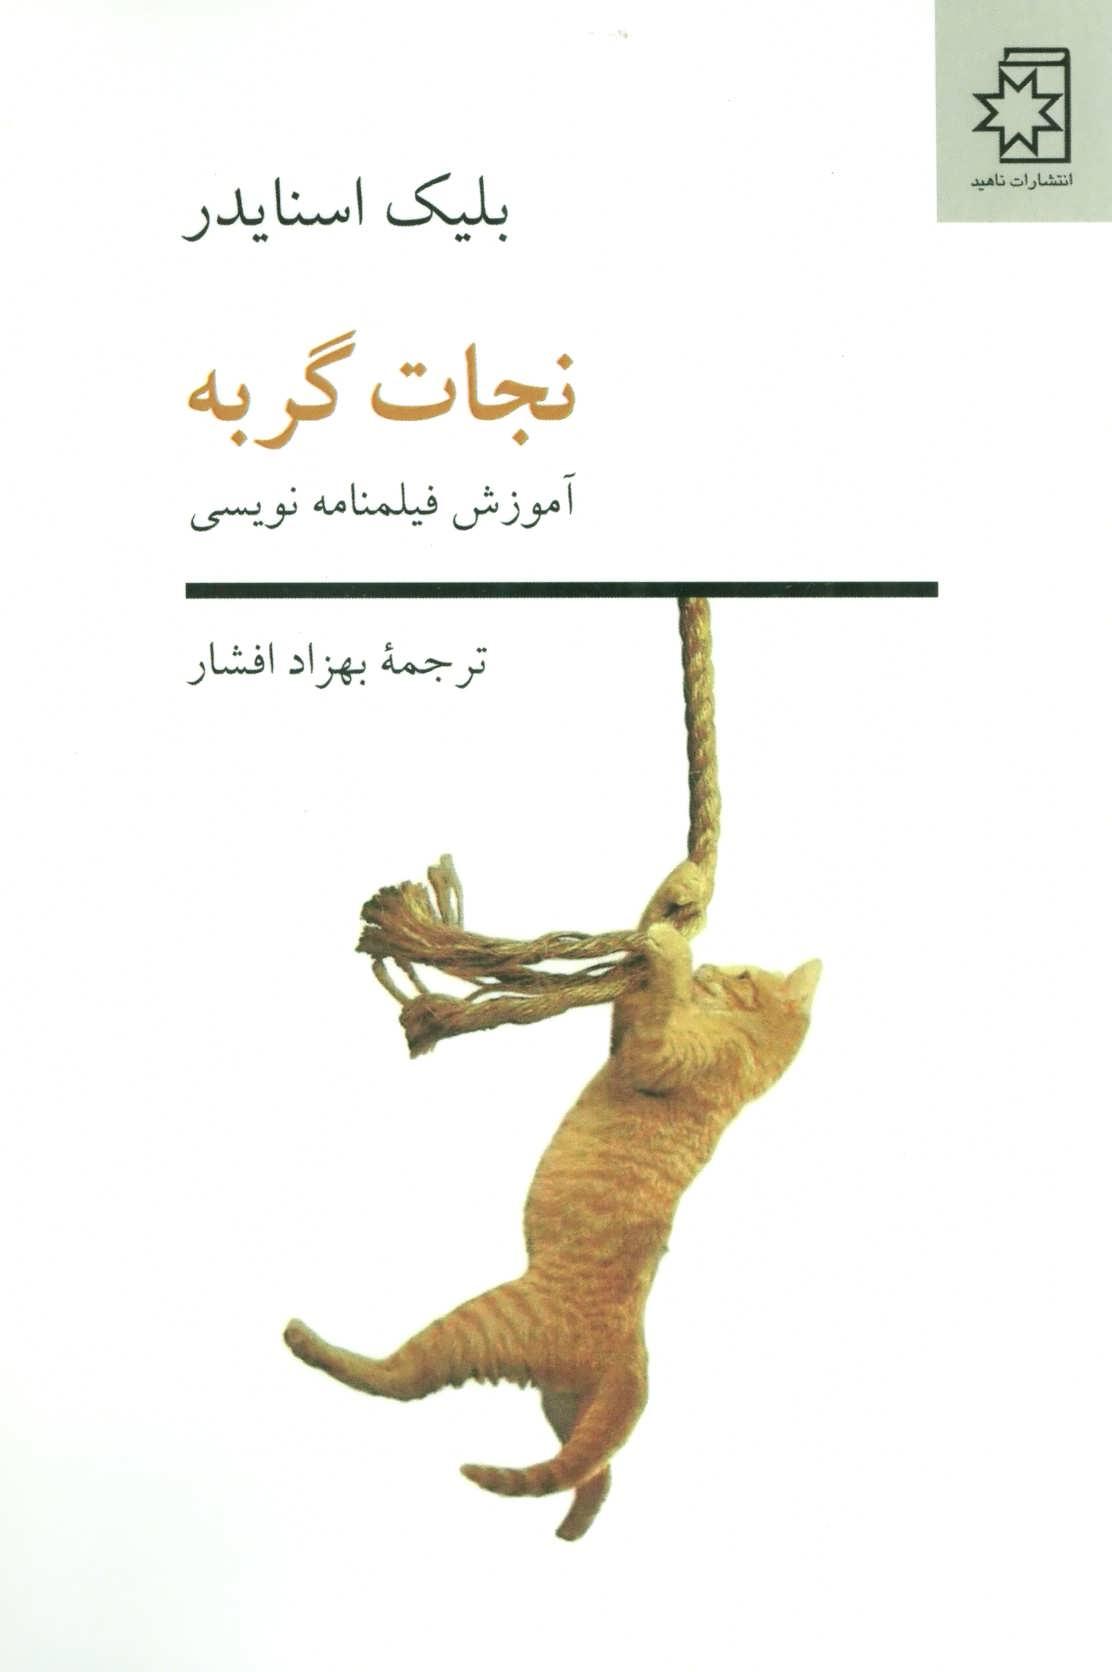 نجات گربه (آموزش فيلم نامه نويسي)